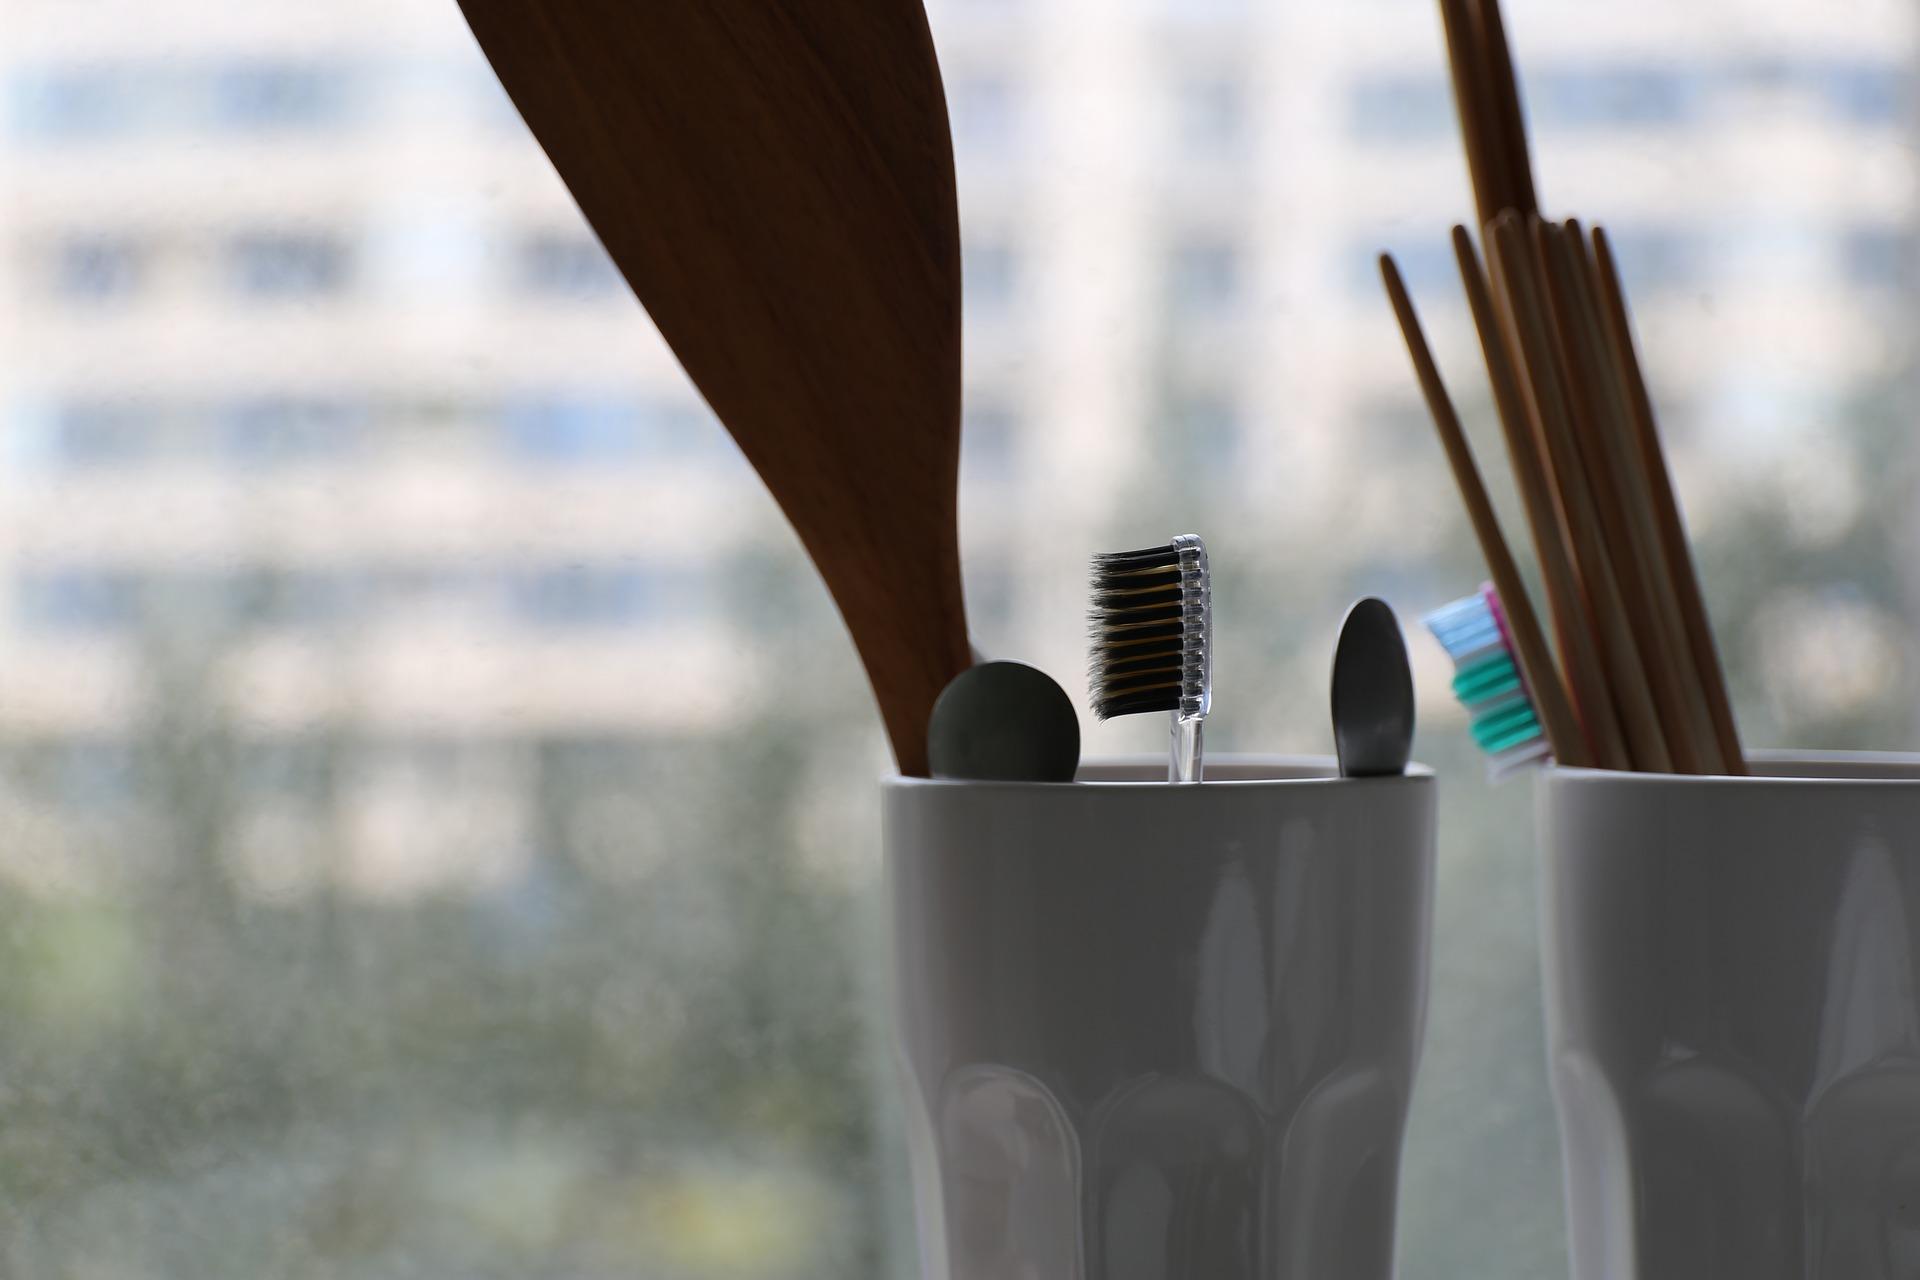 toothbrush 1842248 1920 - 7 RZECZY, KTÓRE NA PEWNO ZAPOMNIAŁAŚ POSPRZĄTAĆ